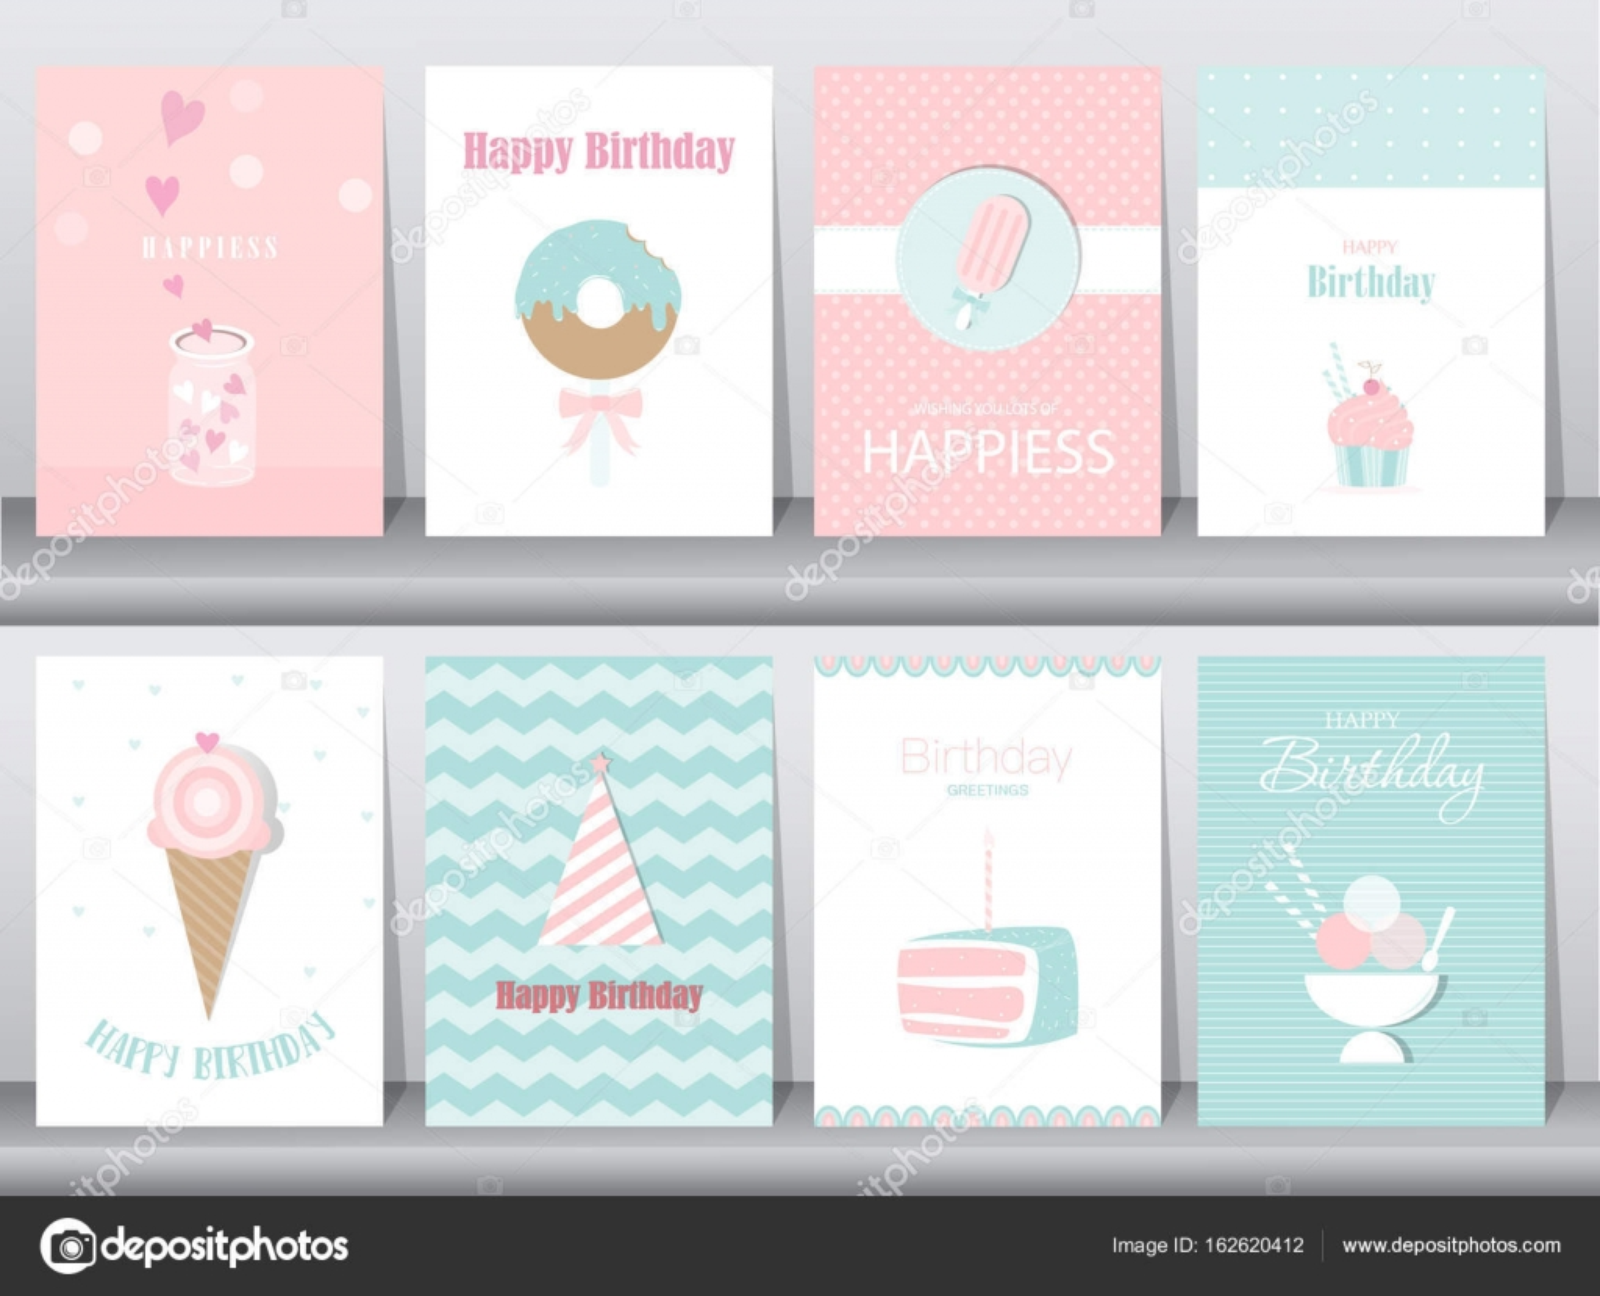 Satz von Geburtstagskarten, Plakat, Vorlage, Grußkarten, Kuchen, Eis ...